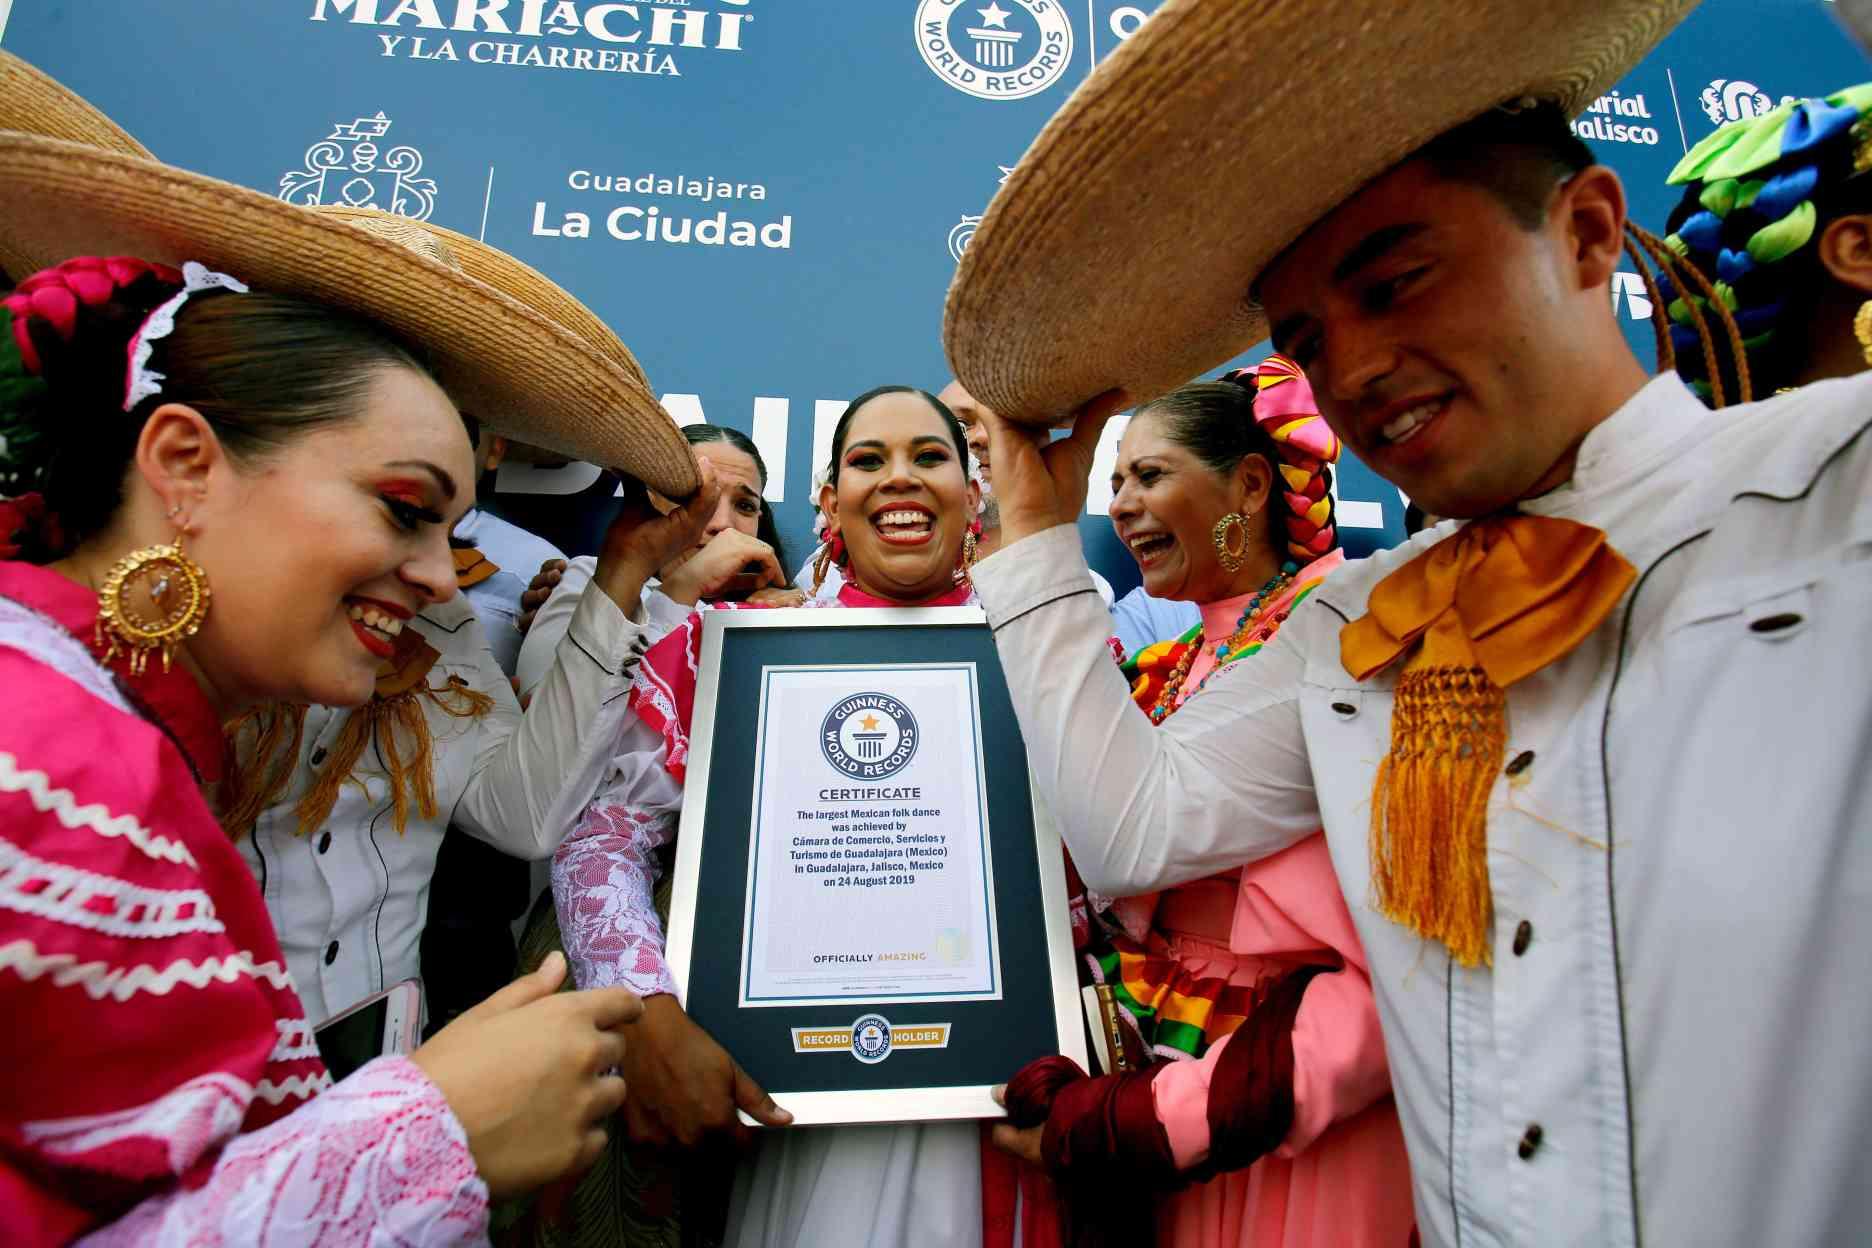 En images : au Mexique, un record de danseurs folkloriques sur la musique mariachi